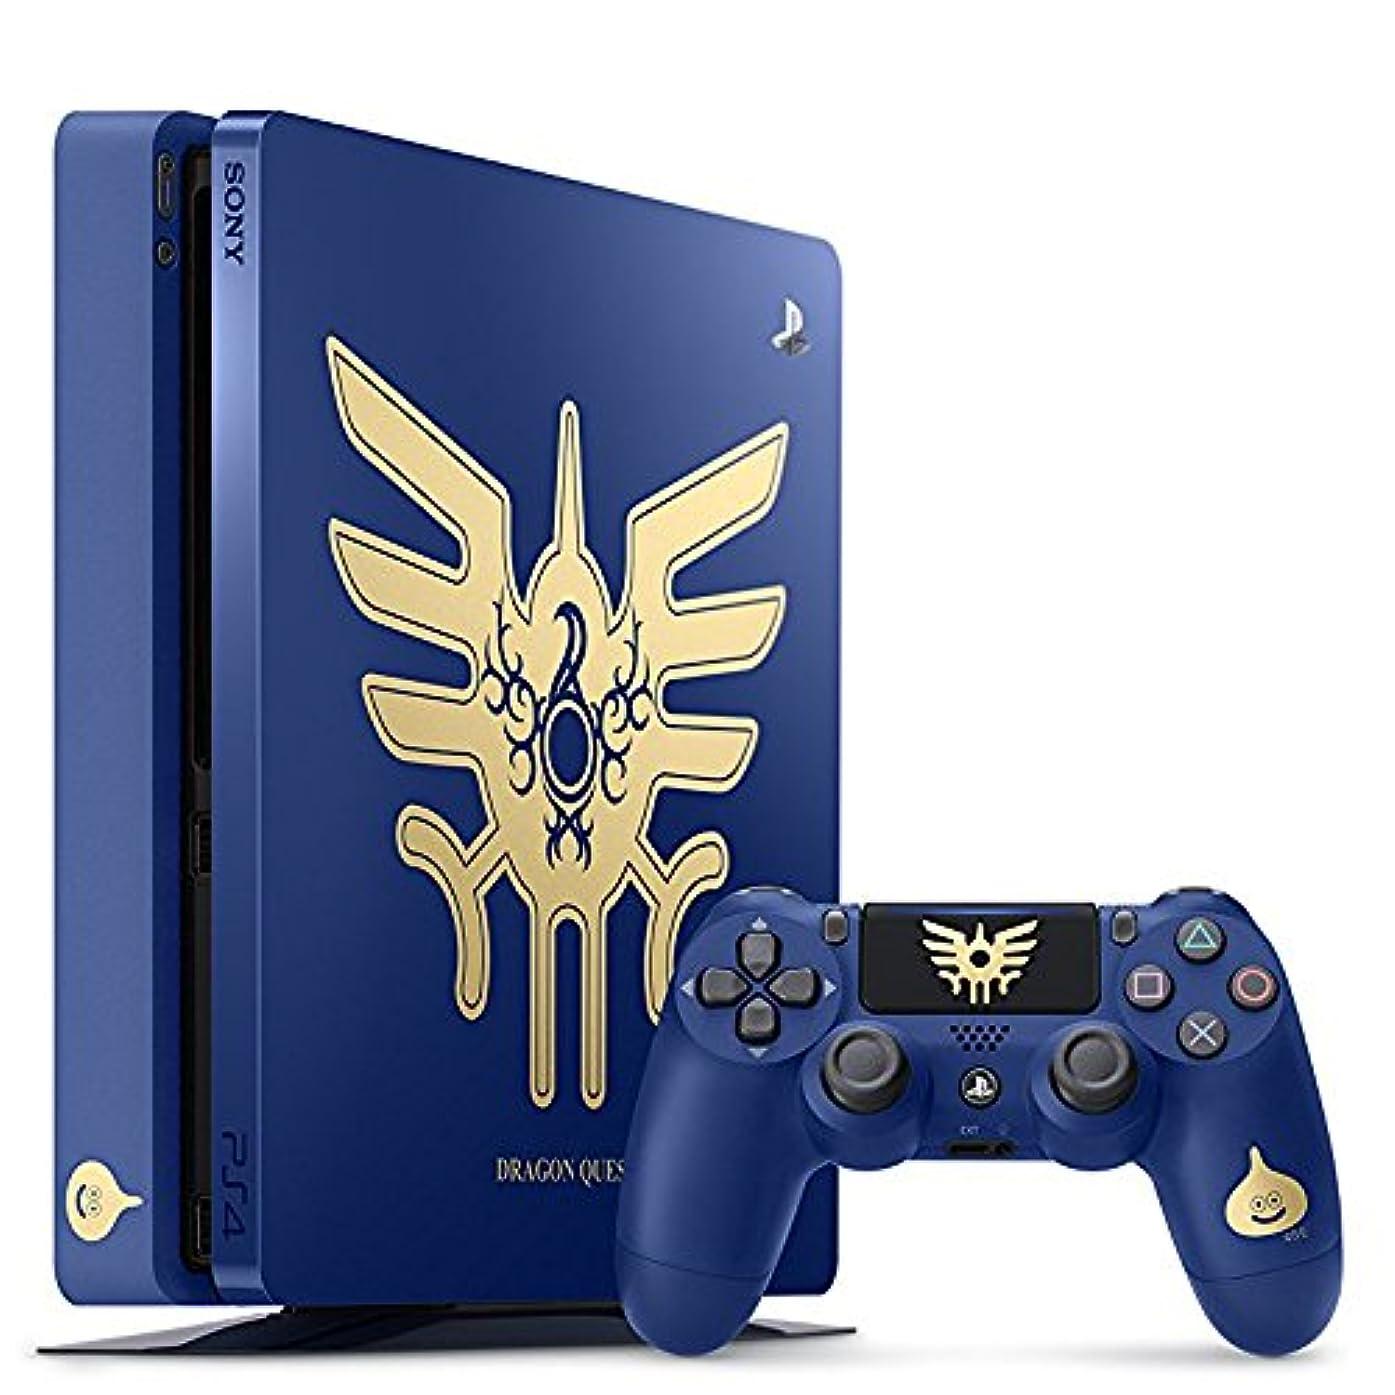 佐賀眩惑する味PlayStation 4 ドラゴンクエスト ロト エディション